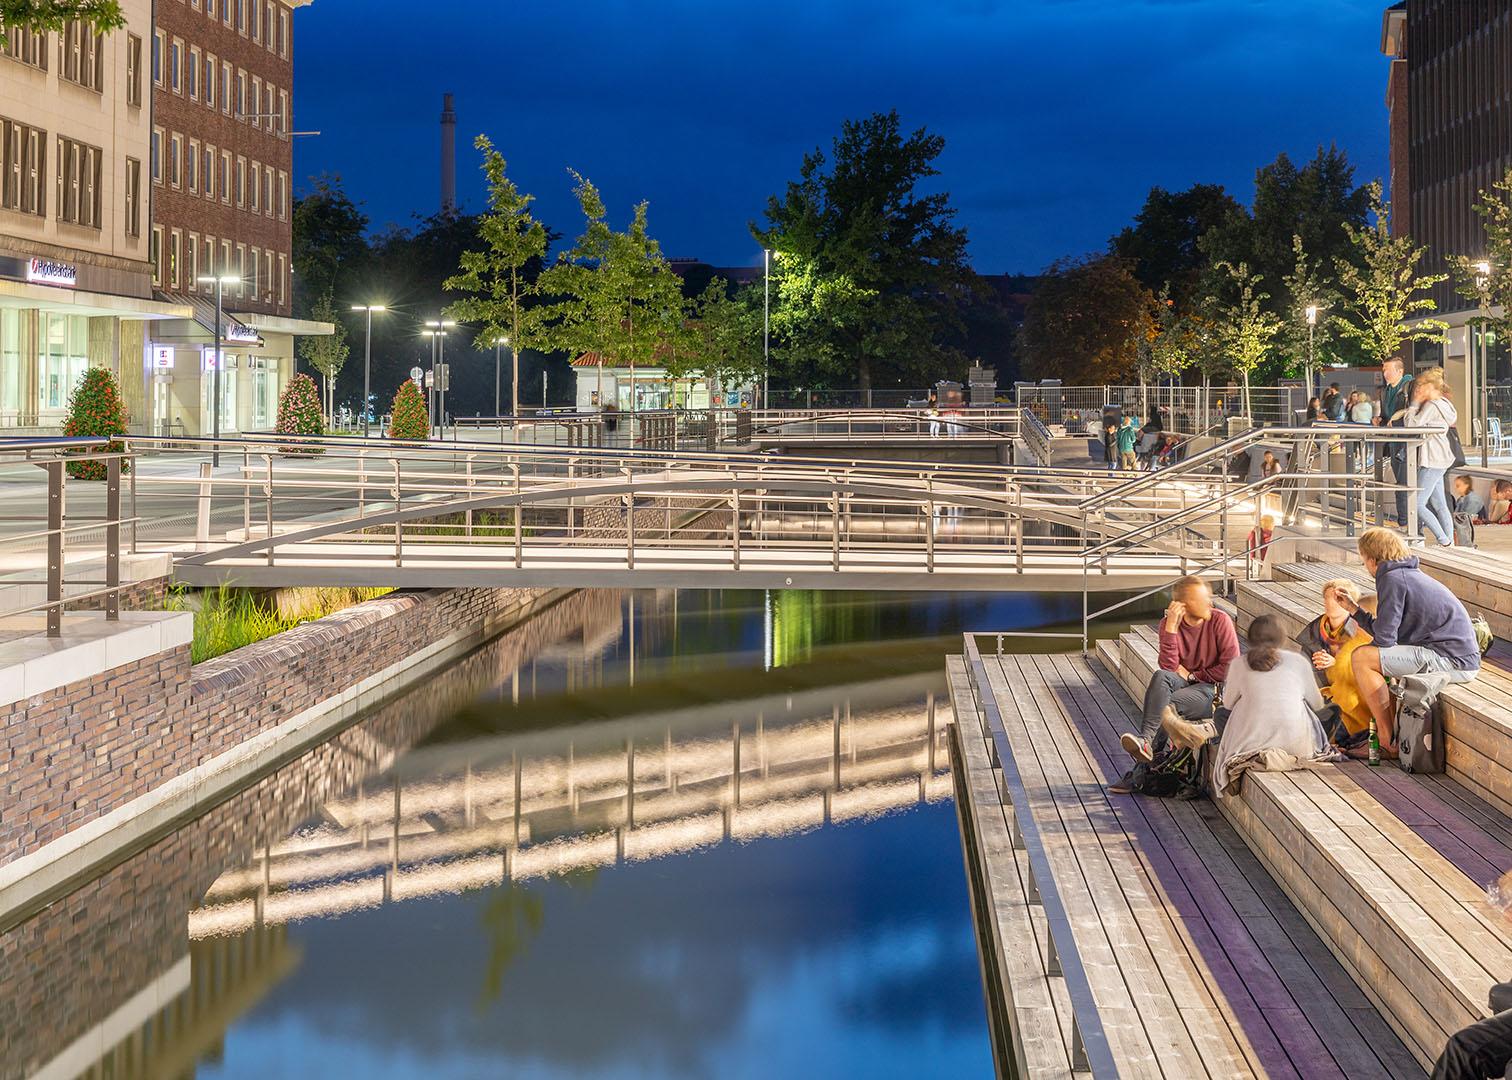 sauerzapfe-architekten-bruecke-kleiner-kiel-kanal-holstenfleet-kiel-06